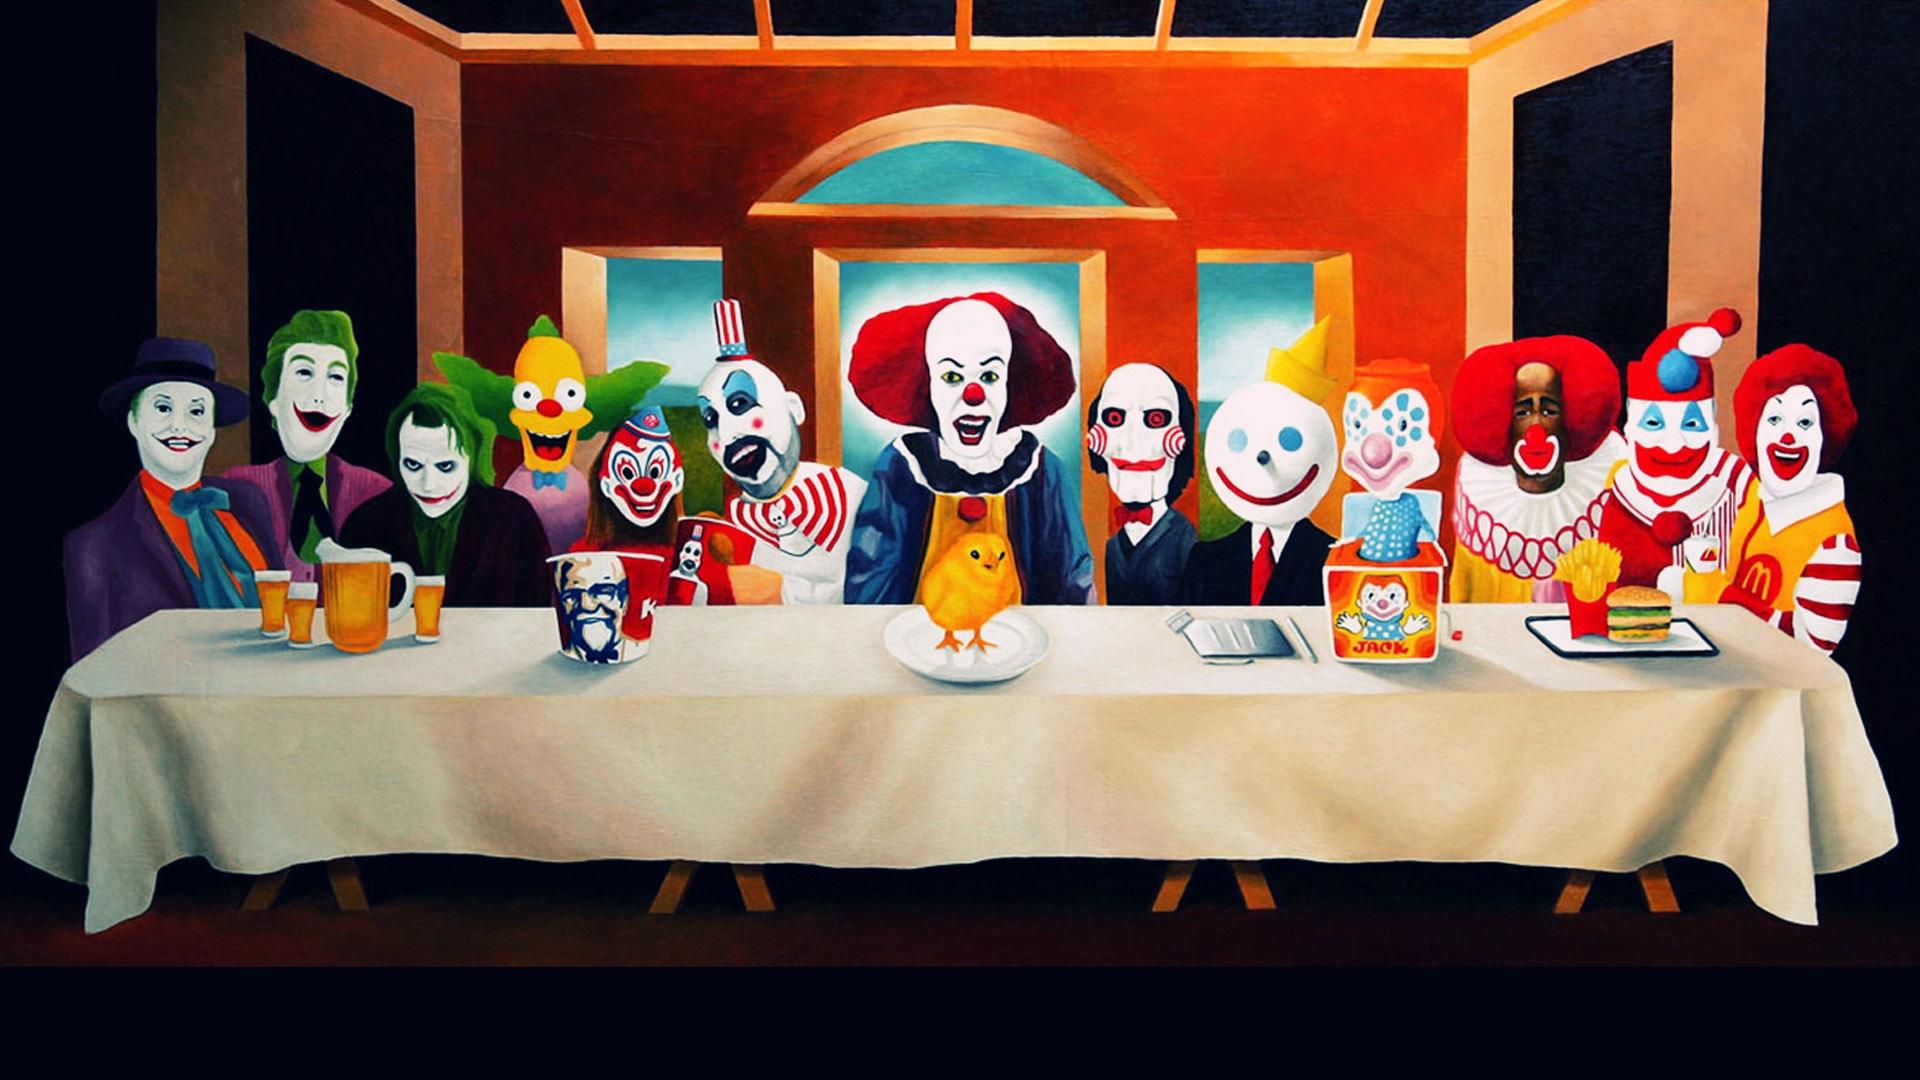 Paintings The Joker Clown Jack Ronald Mcdonald Last Supper